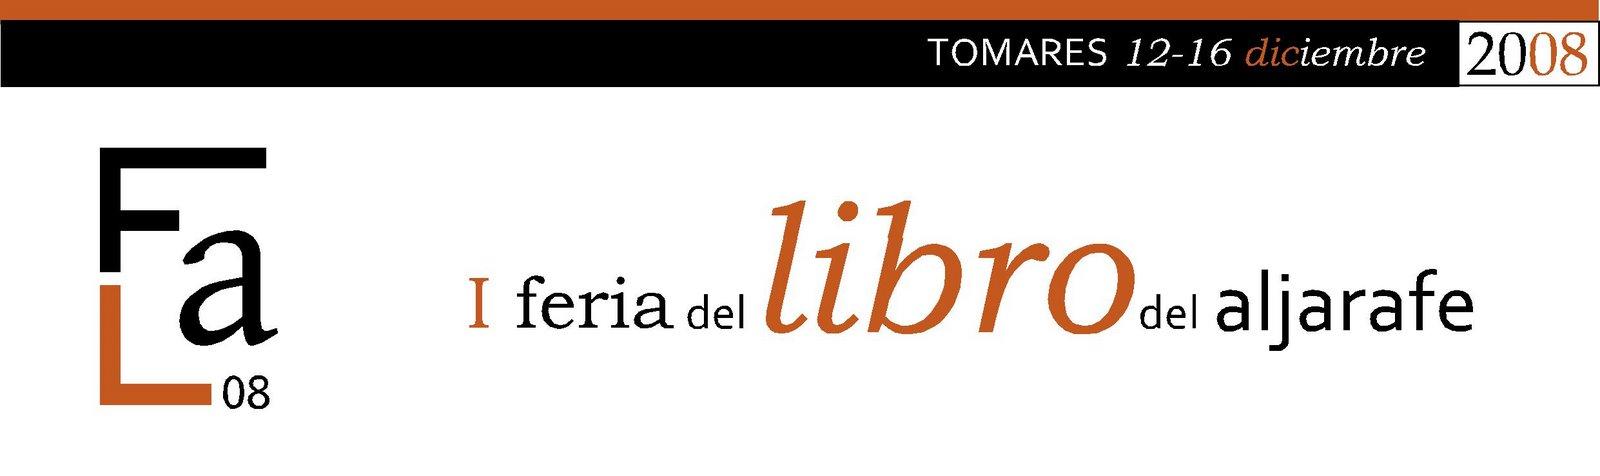 Feria Aljarafe del Libro 2008